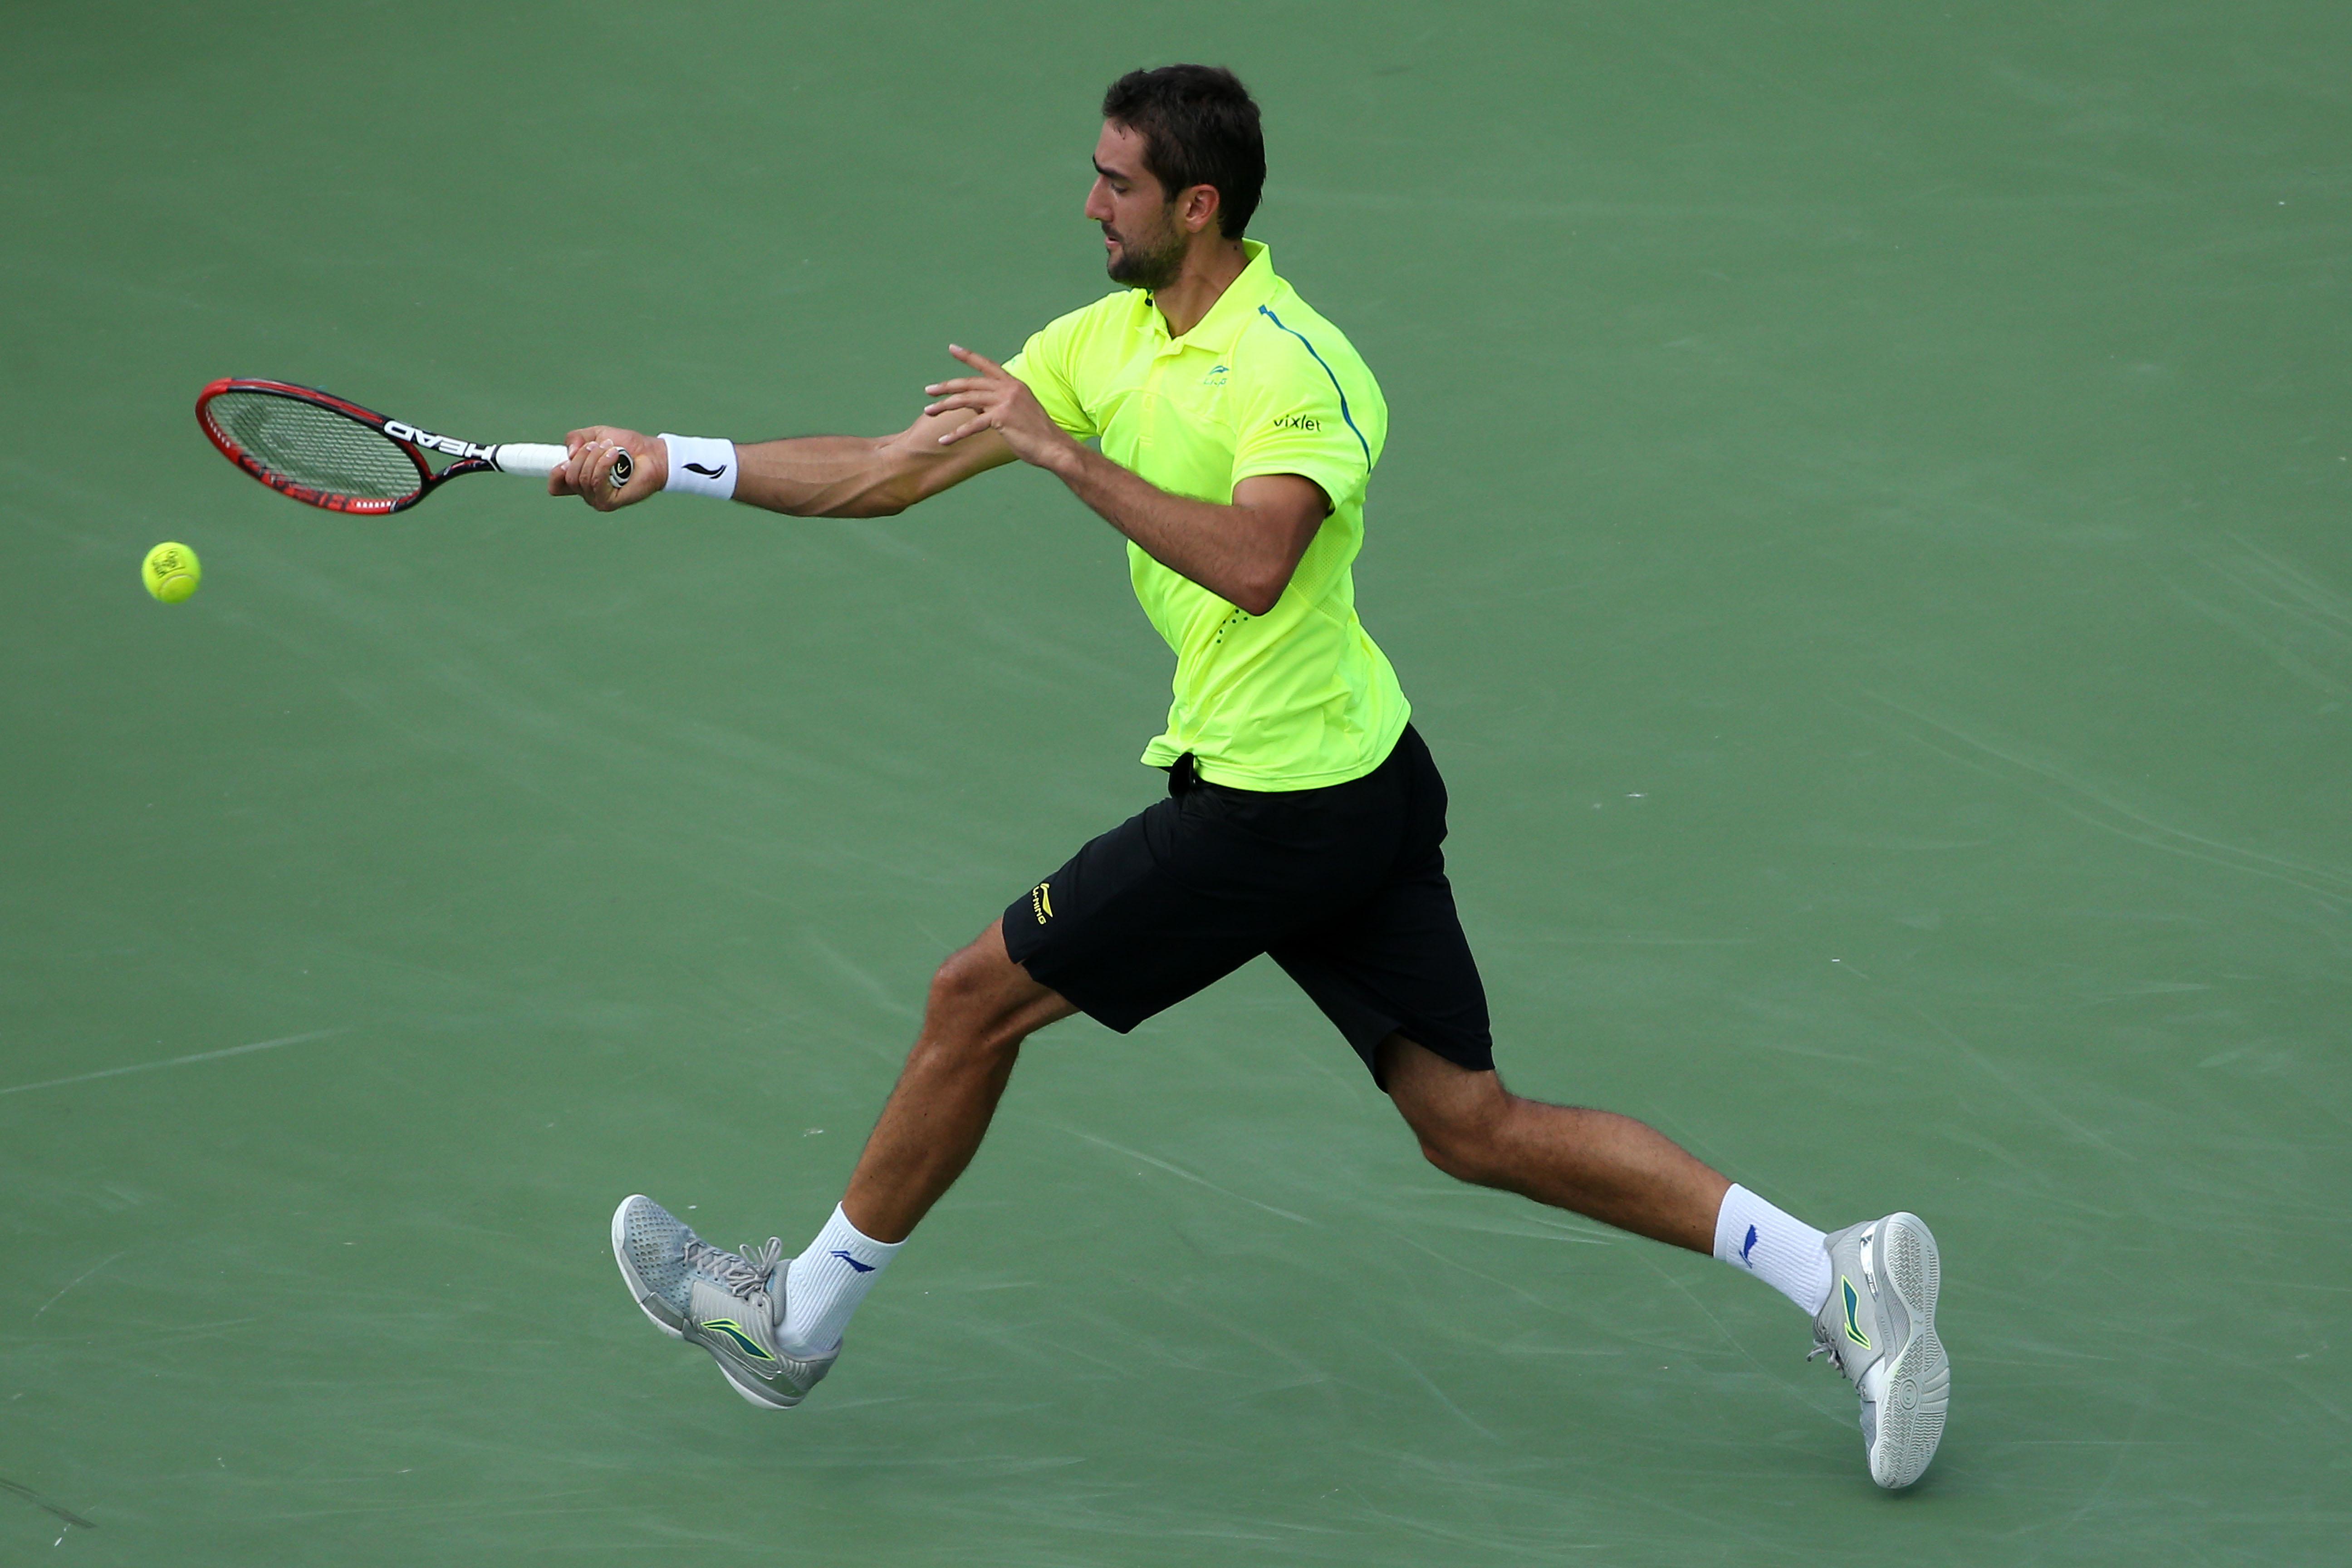 Marin Cilic ha vinto l'ultima edizione degli US Open contro Nishikori